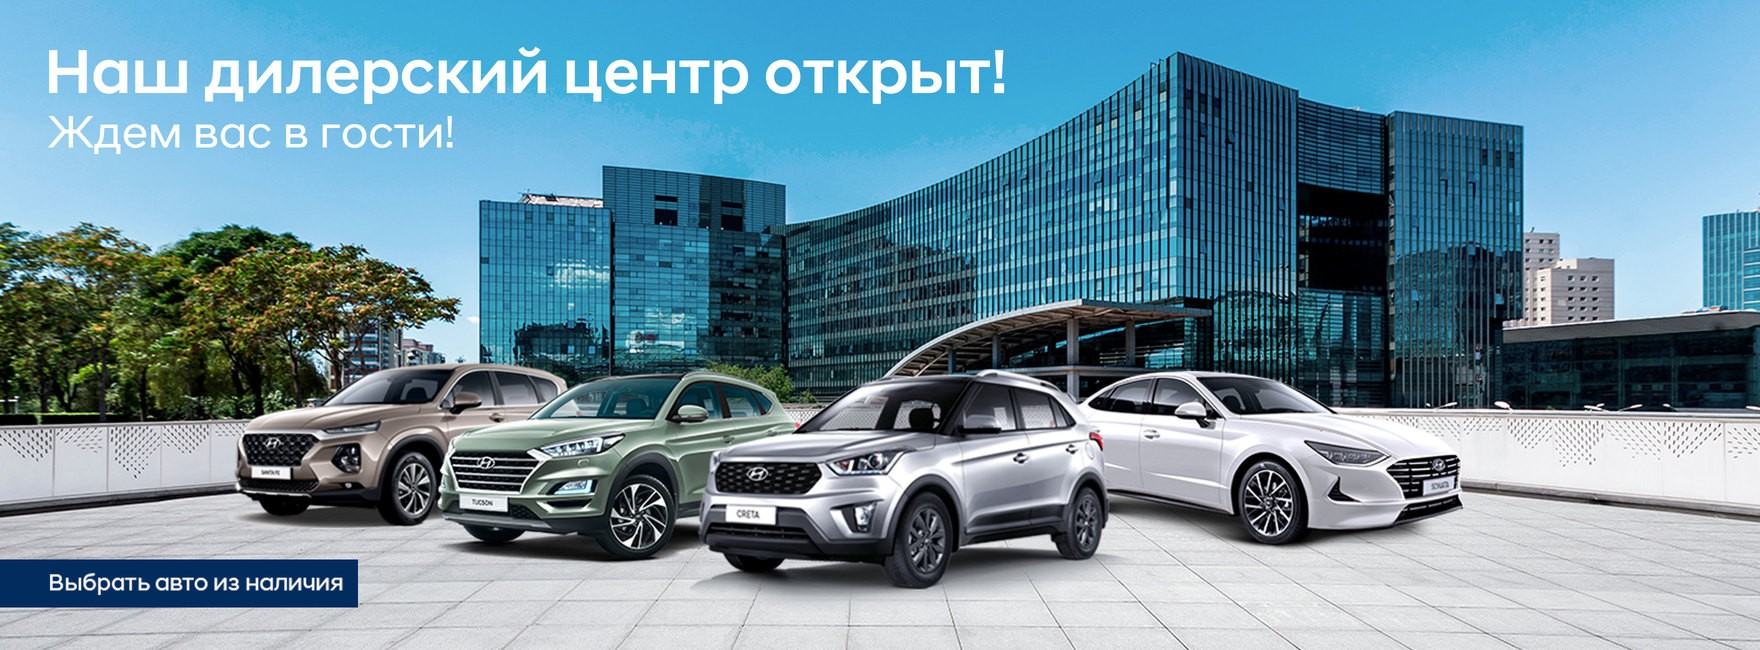 Автосалон хендай в москве официальный сайт автомобили в наличии ломбарды золото круглосуточно москва